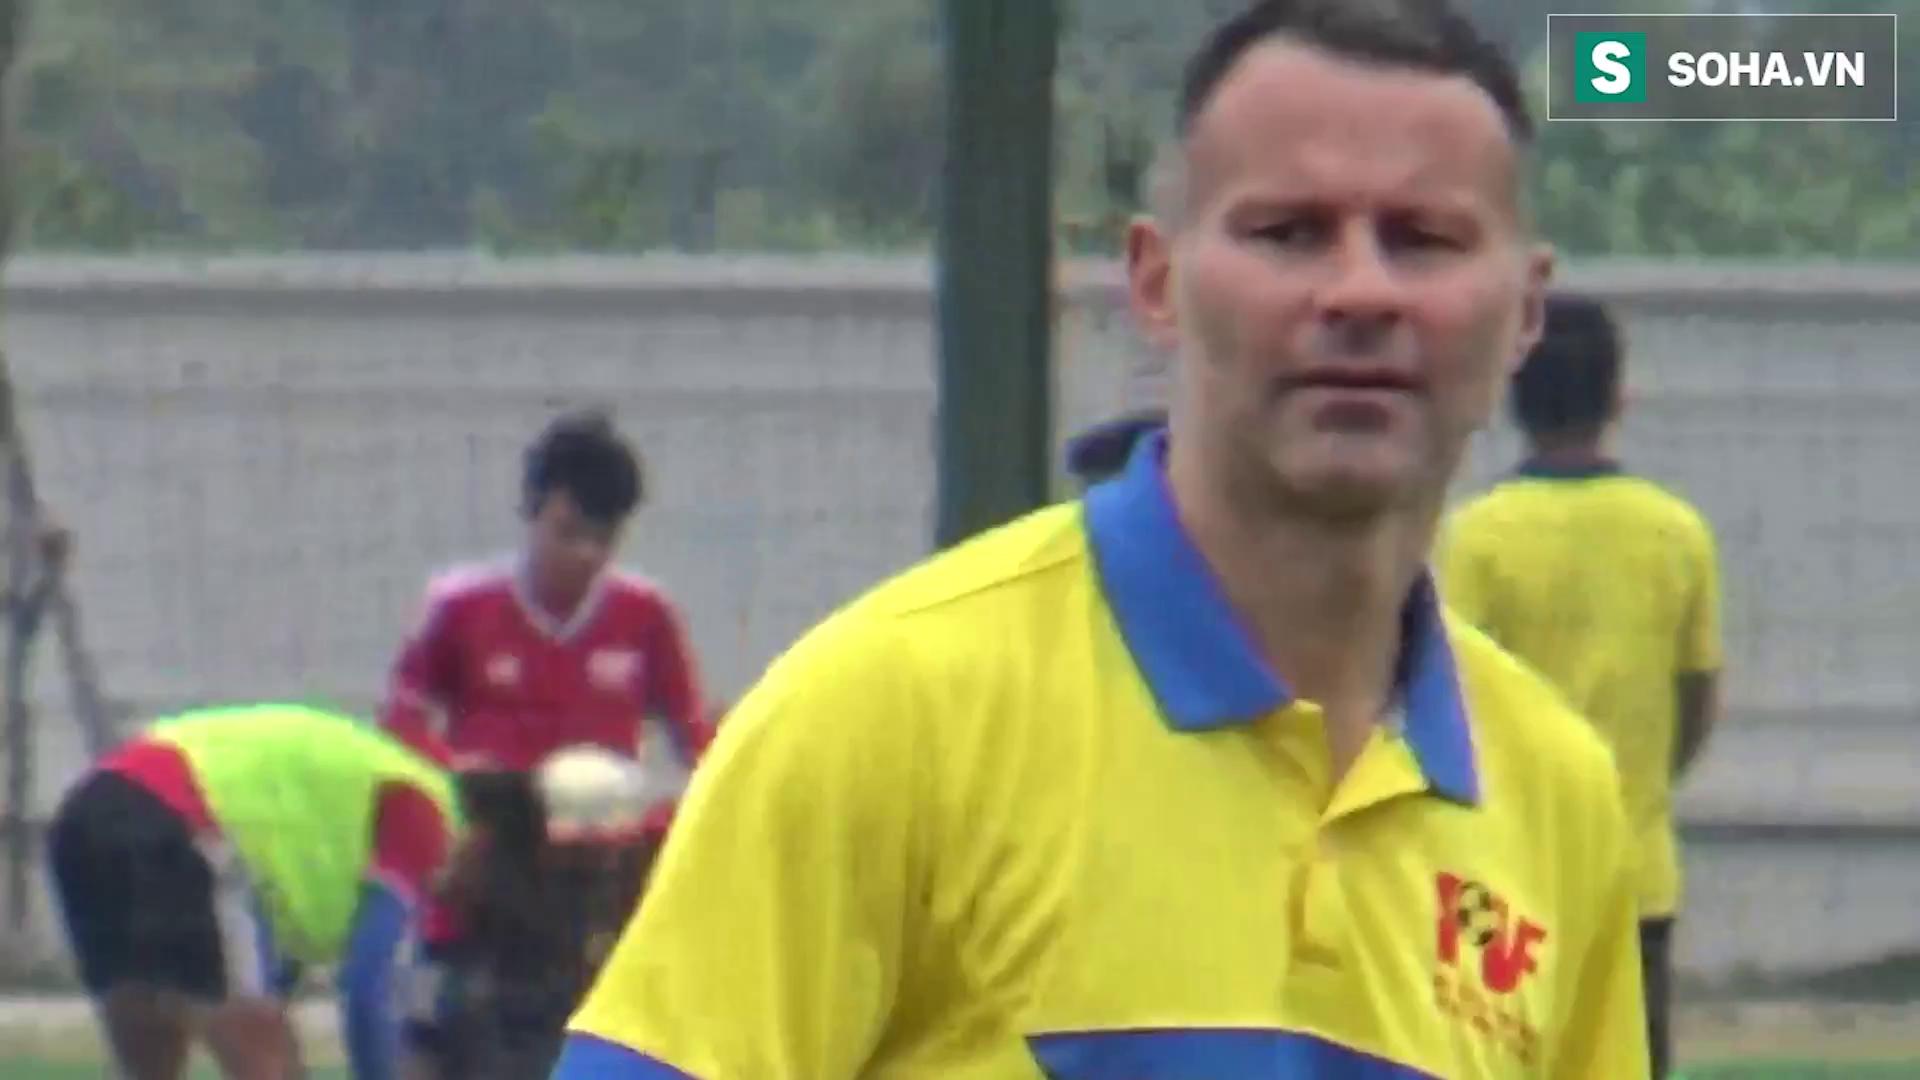 Scholes lộn nhào với cầu thủ nhí, Giggs liên tục vỗ tay khen tài năng Việt